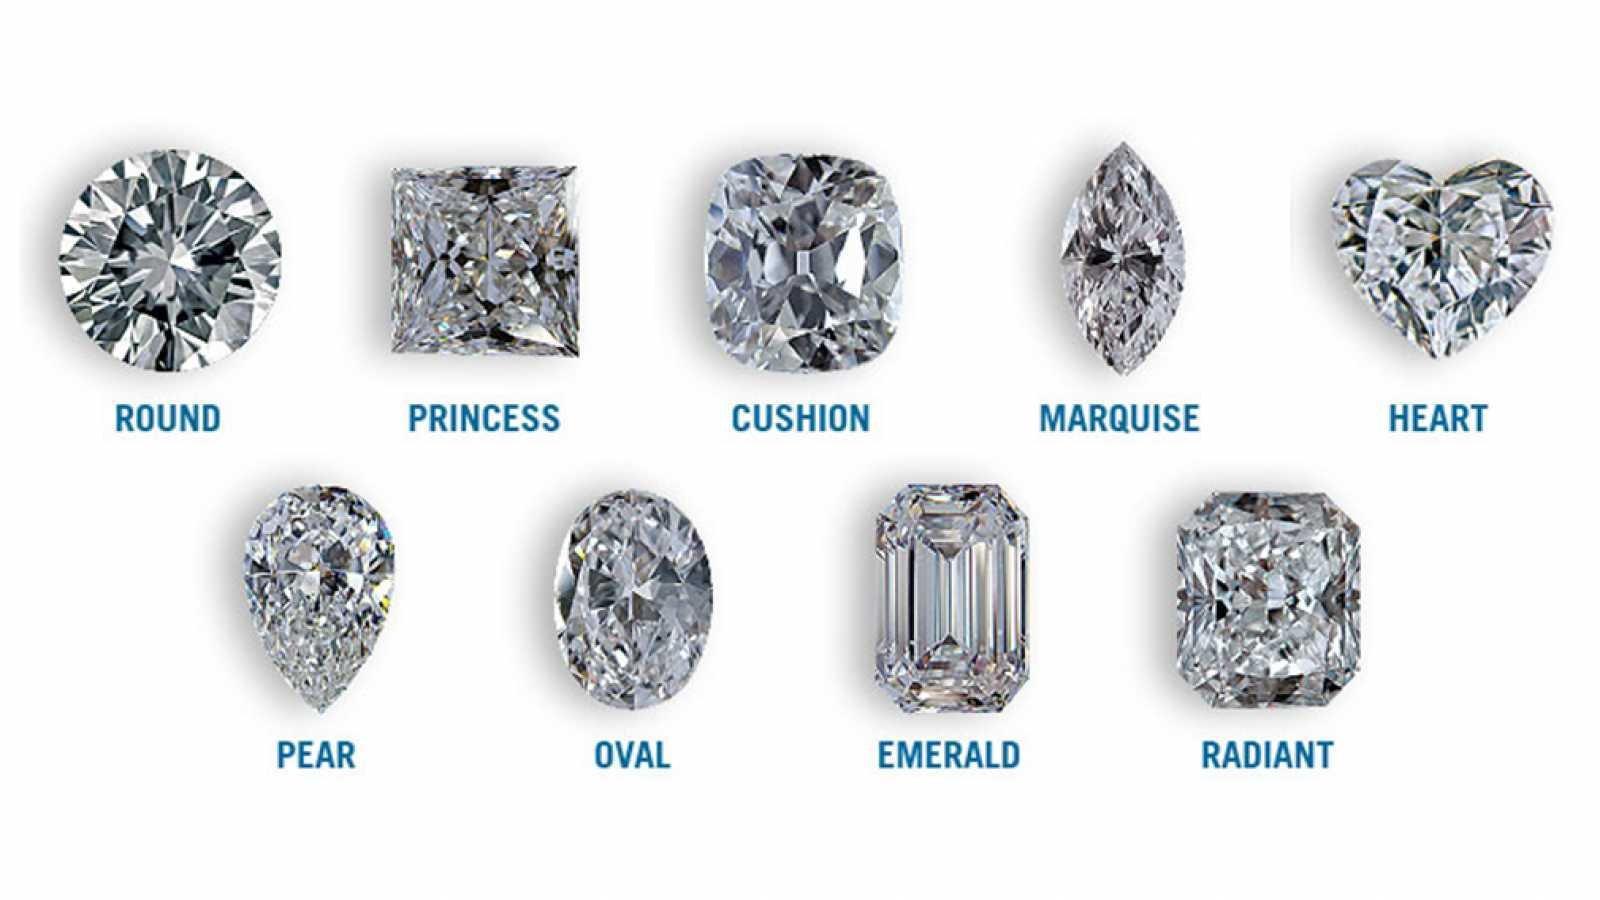 צורות שונות של יהלומים